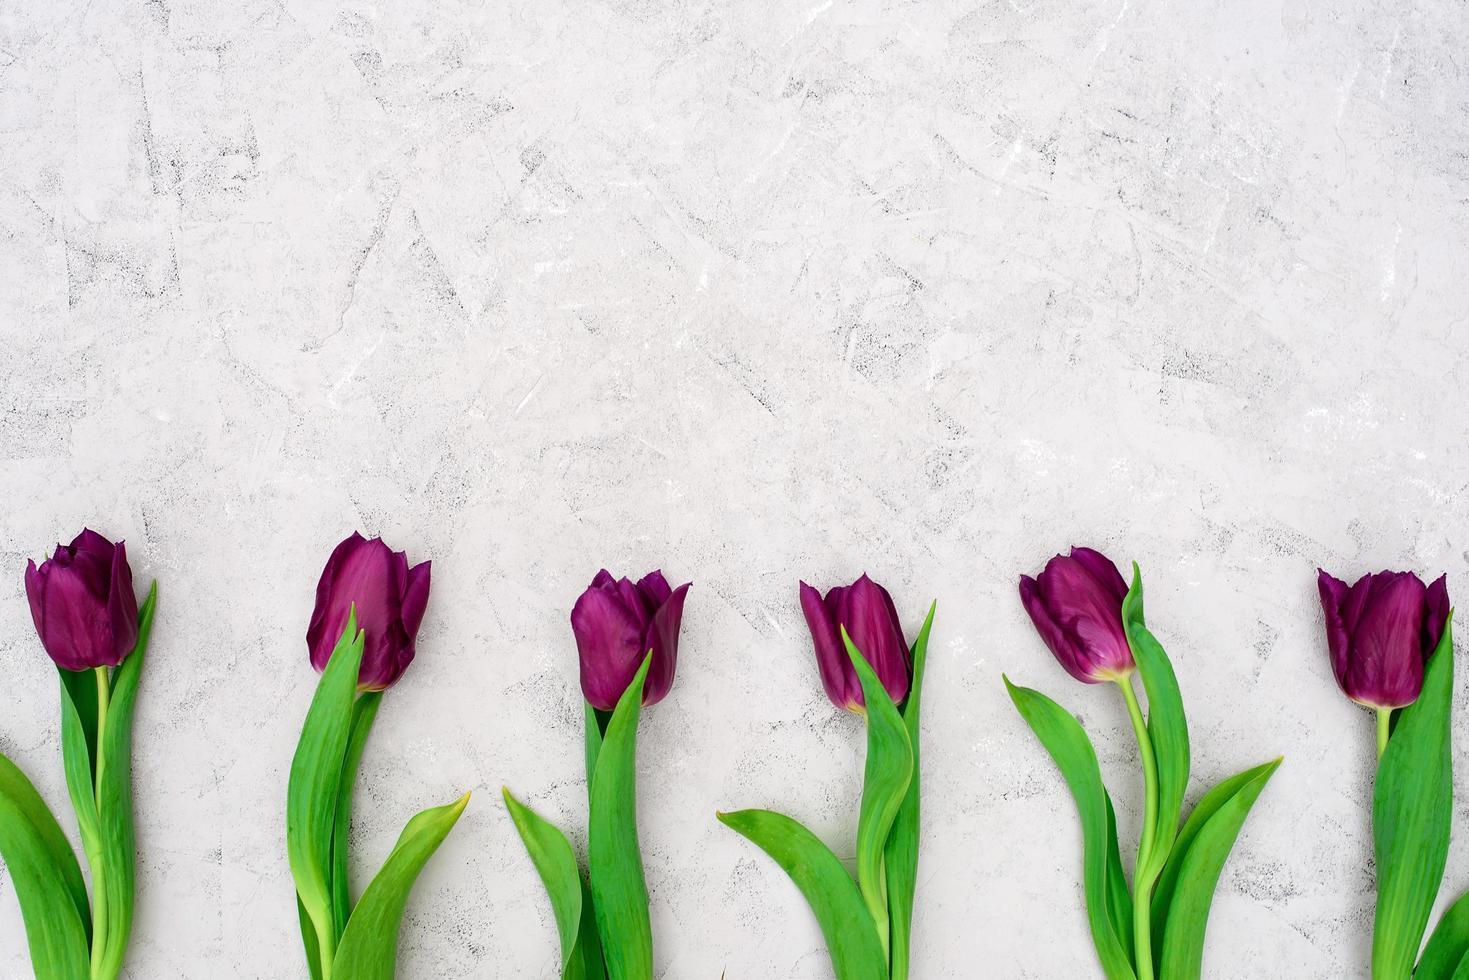 hilera de flores de tulipán de primavera púrpura sobre un fondo de piedra clara. endecha plana. copie el espacio. día de la Madre. día Internacional de la Mujer. foto